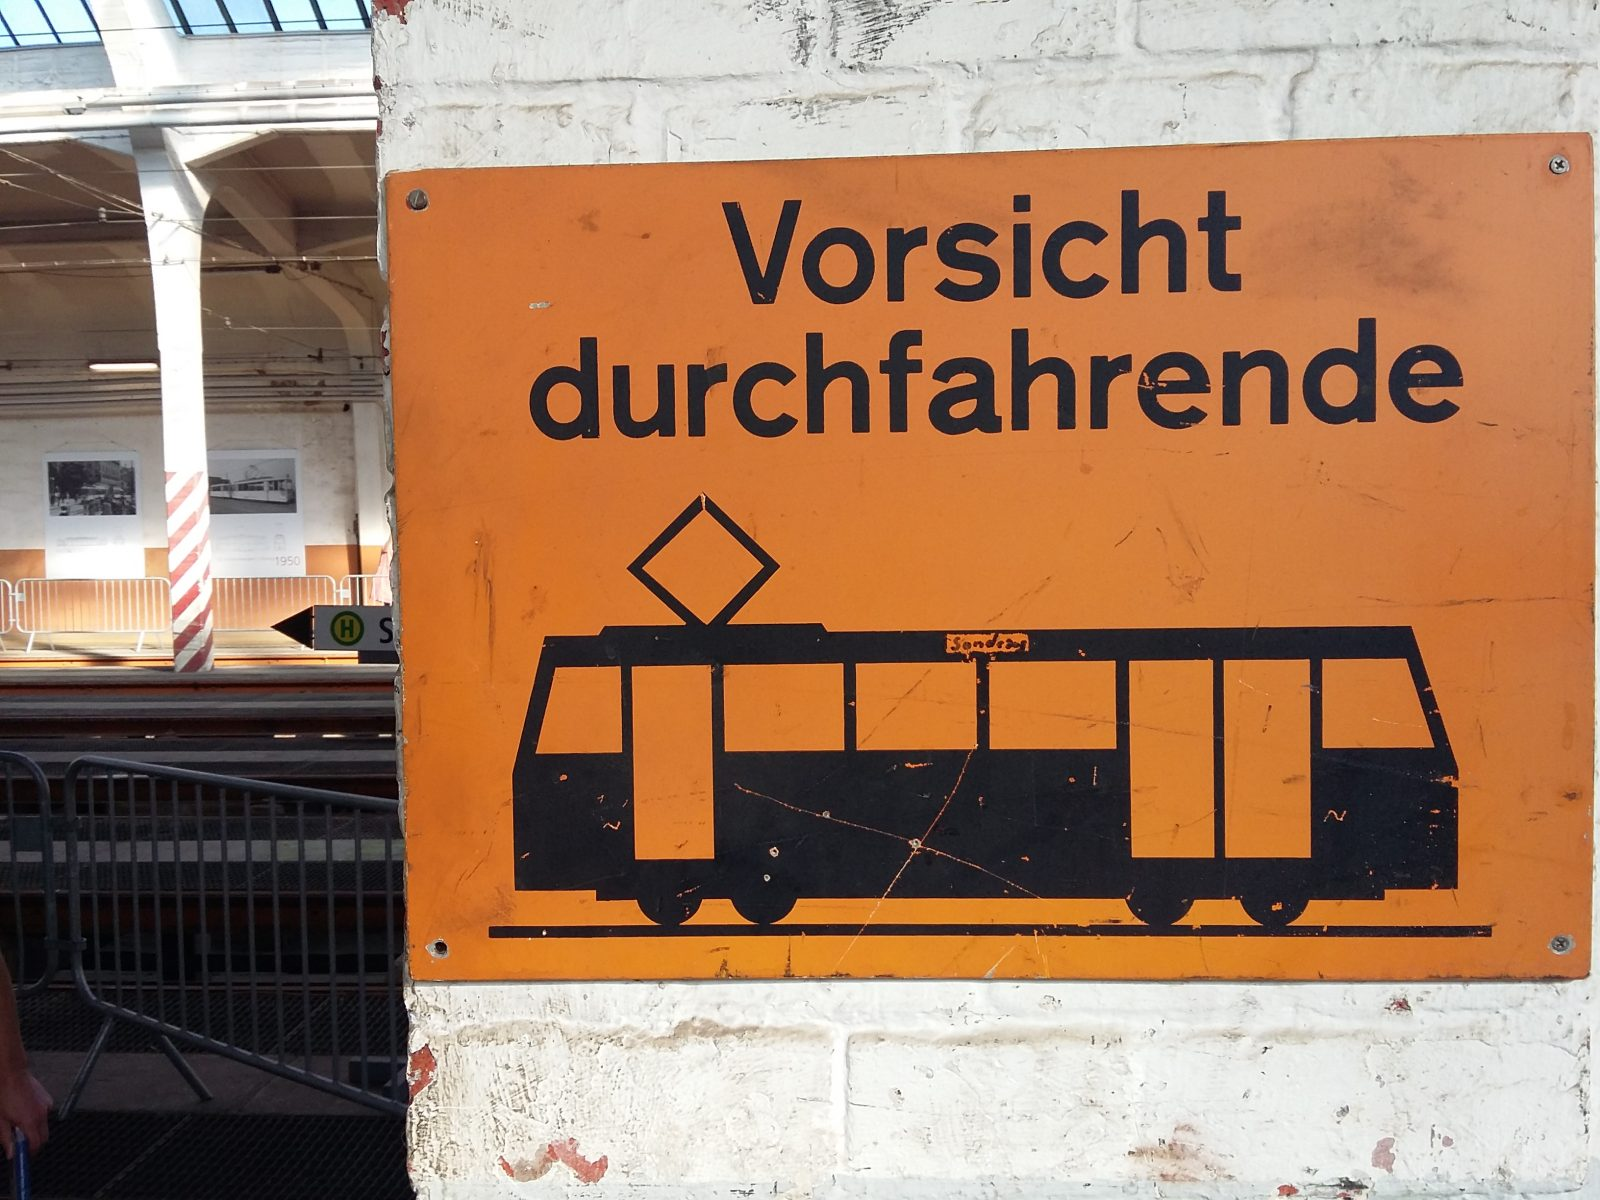 Strassenbahn_Orte_des_Grauens (2)